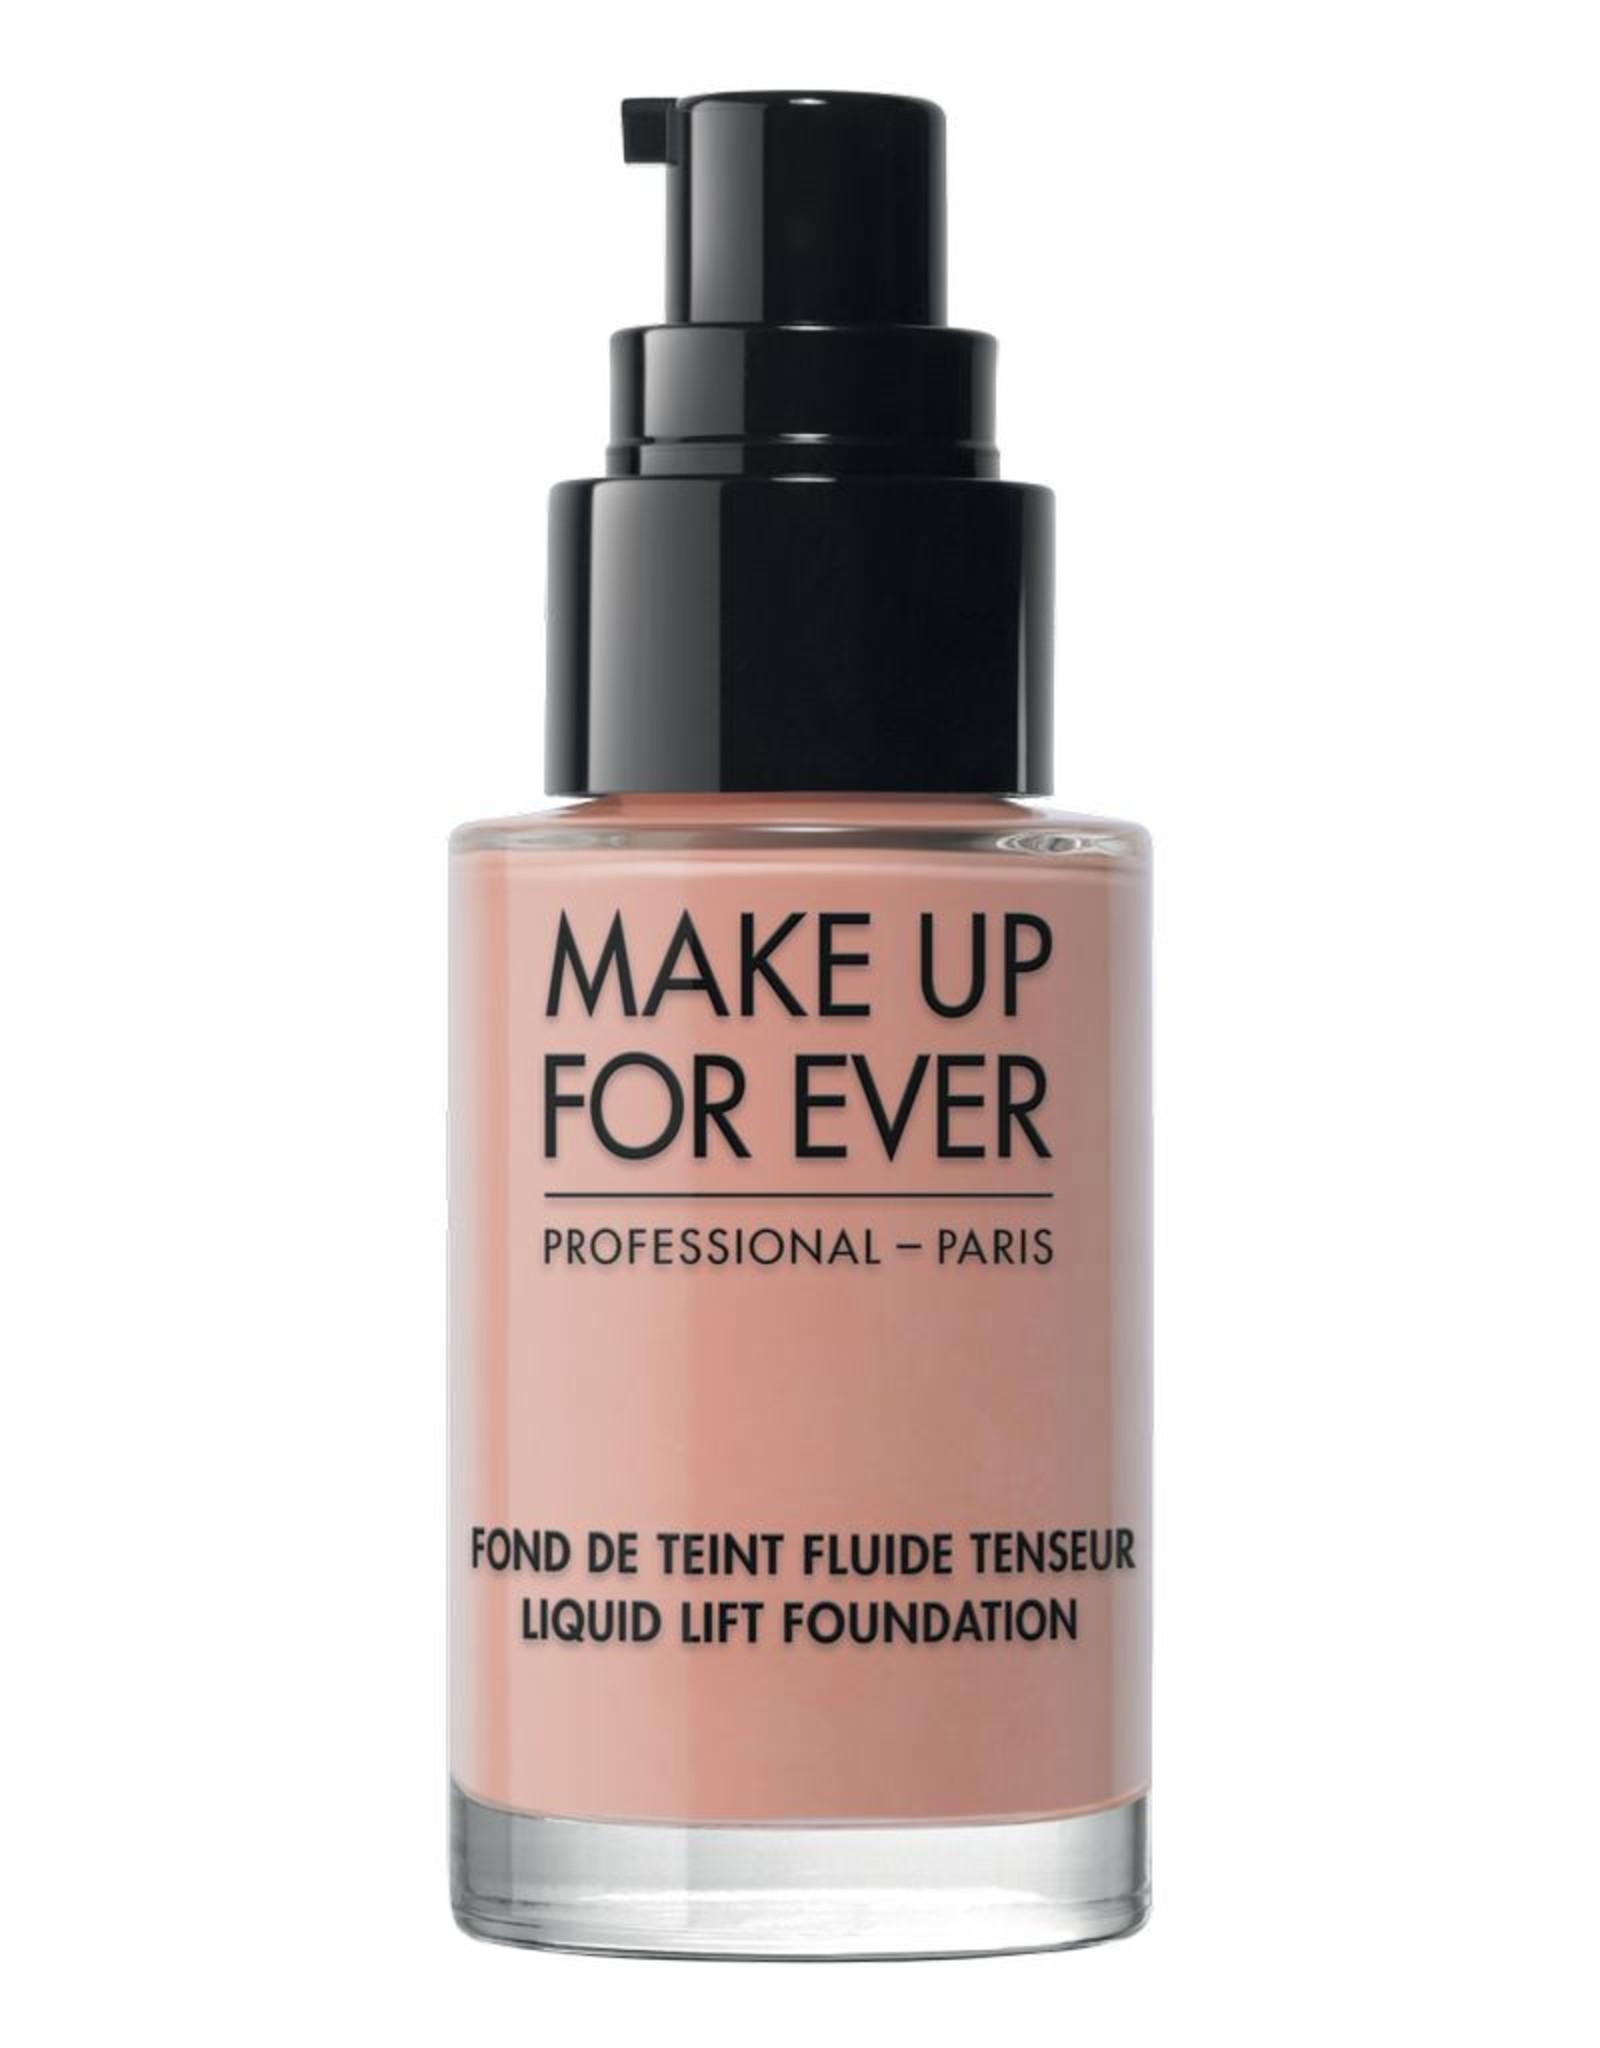 MUFE FOND DE TEINT FLUIDE TENSEUR 30ml N7 rose / pink